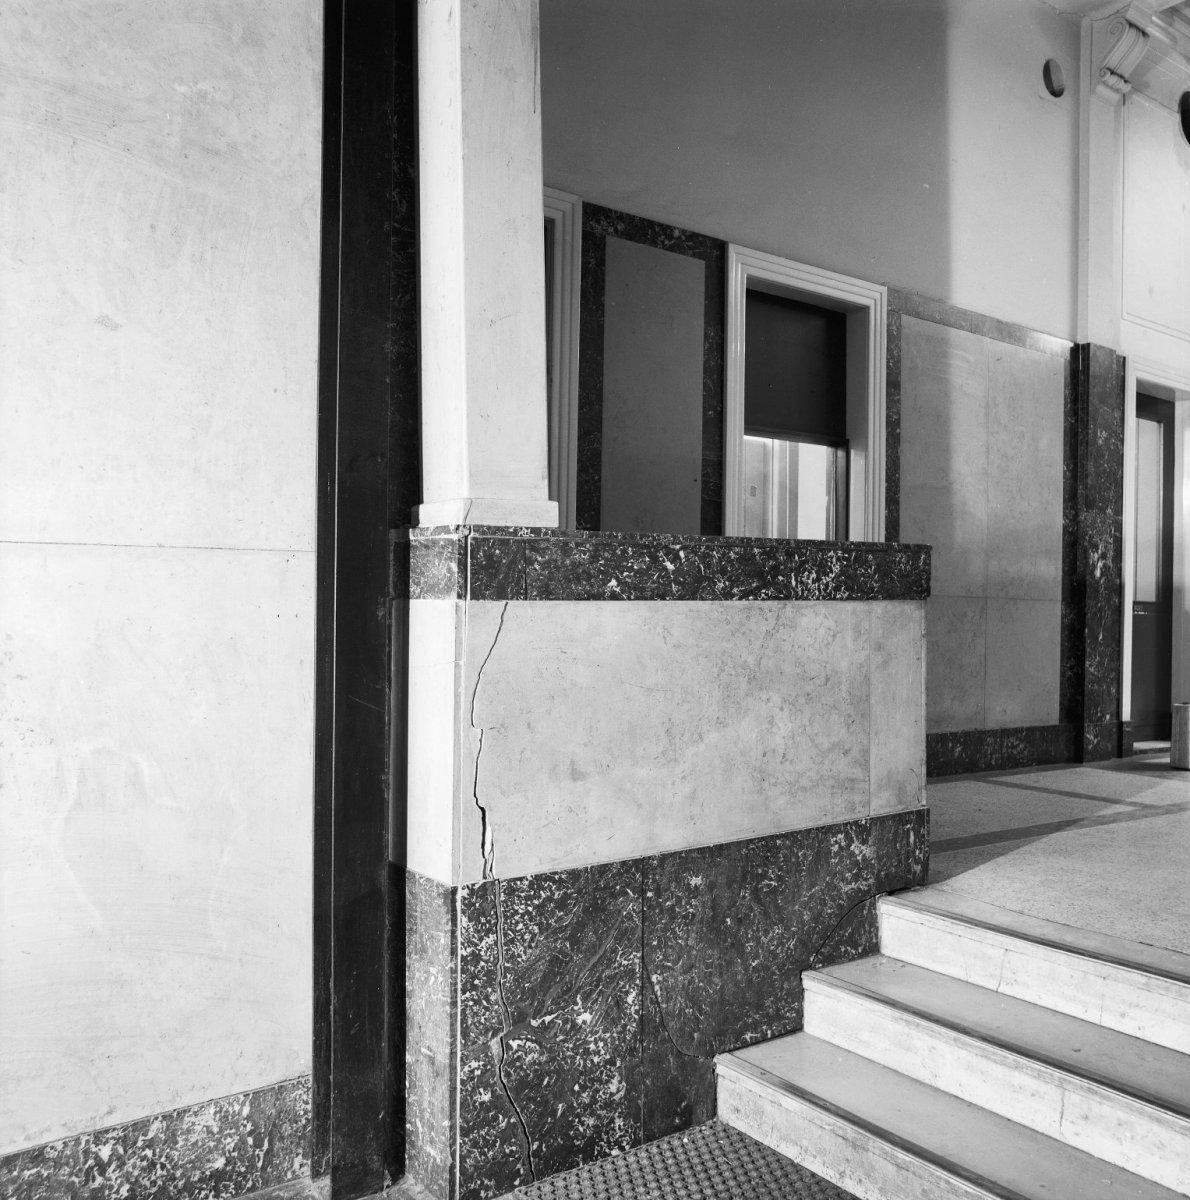 Detailopname van het Interieur van de hal van het hoofdkantoor, dat grotendeels was opgetrokken uit marmer.